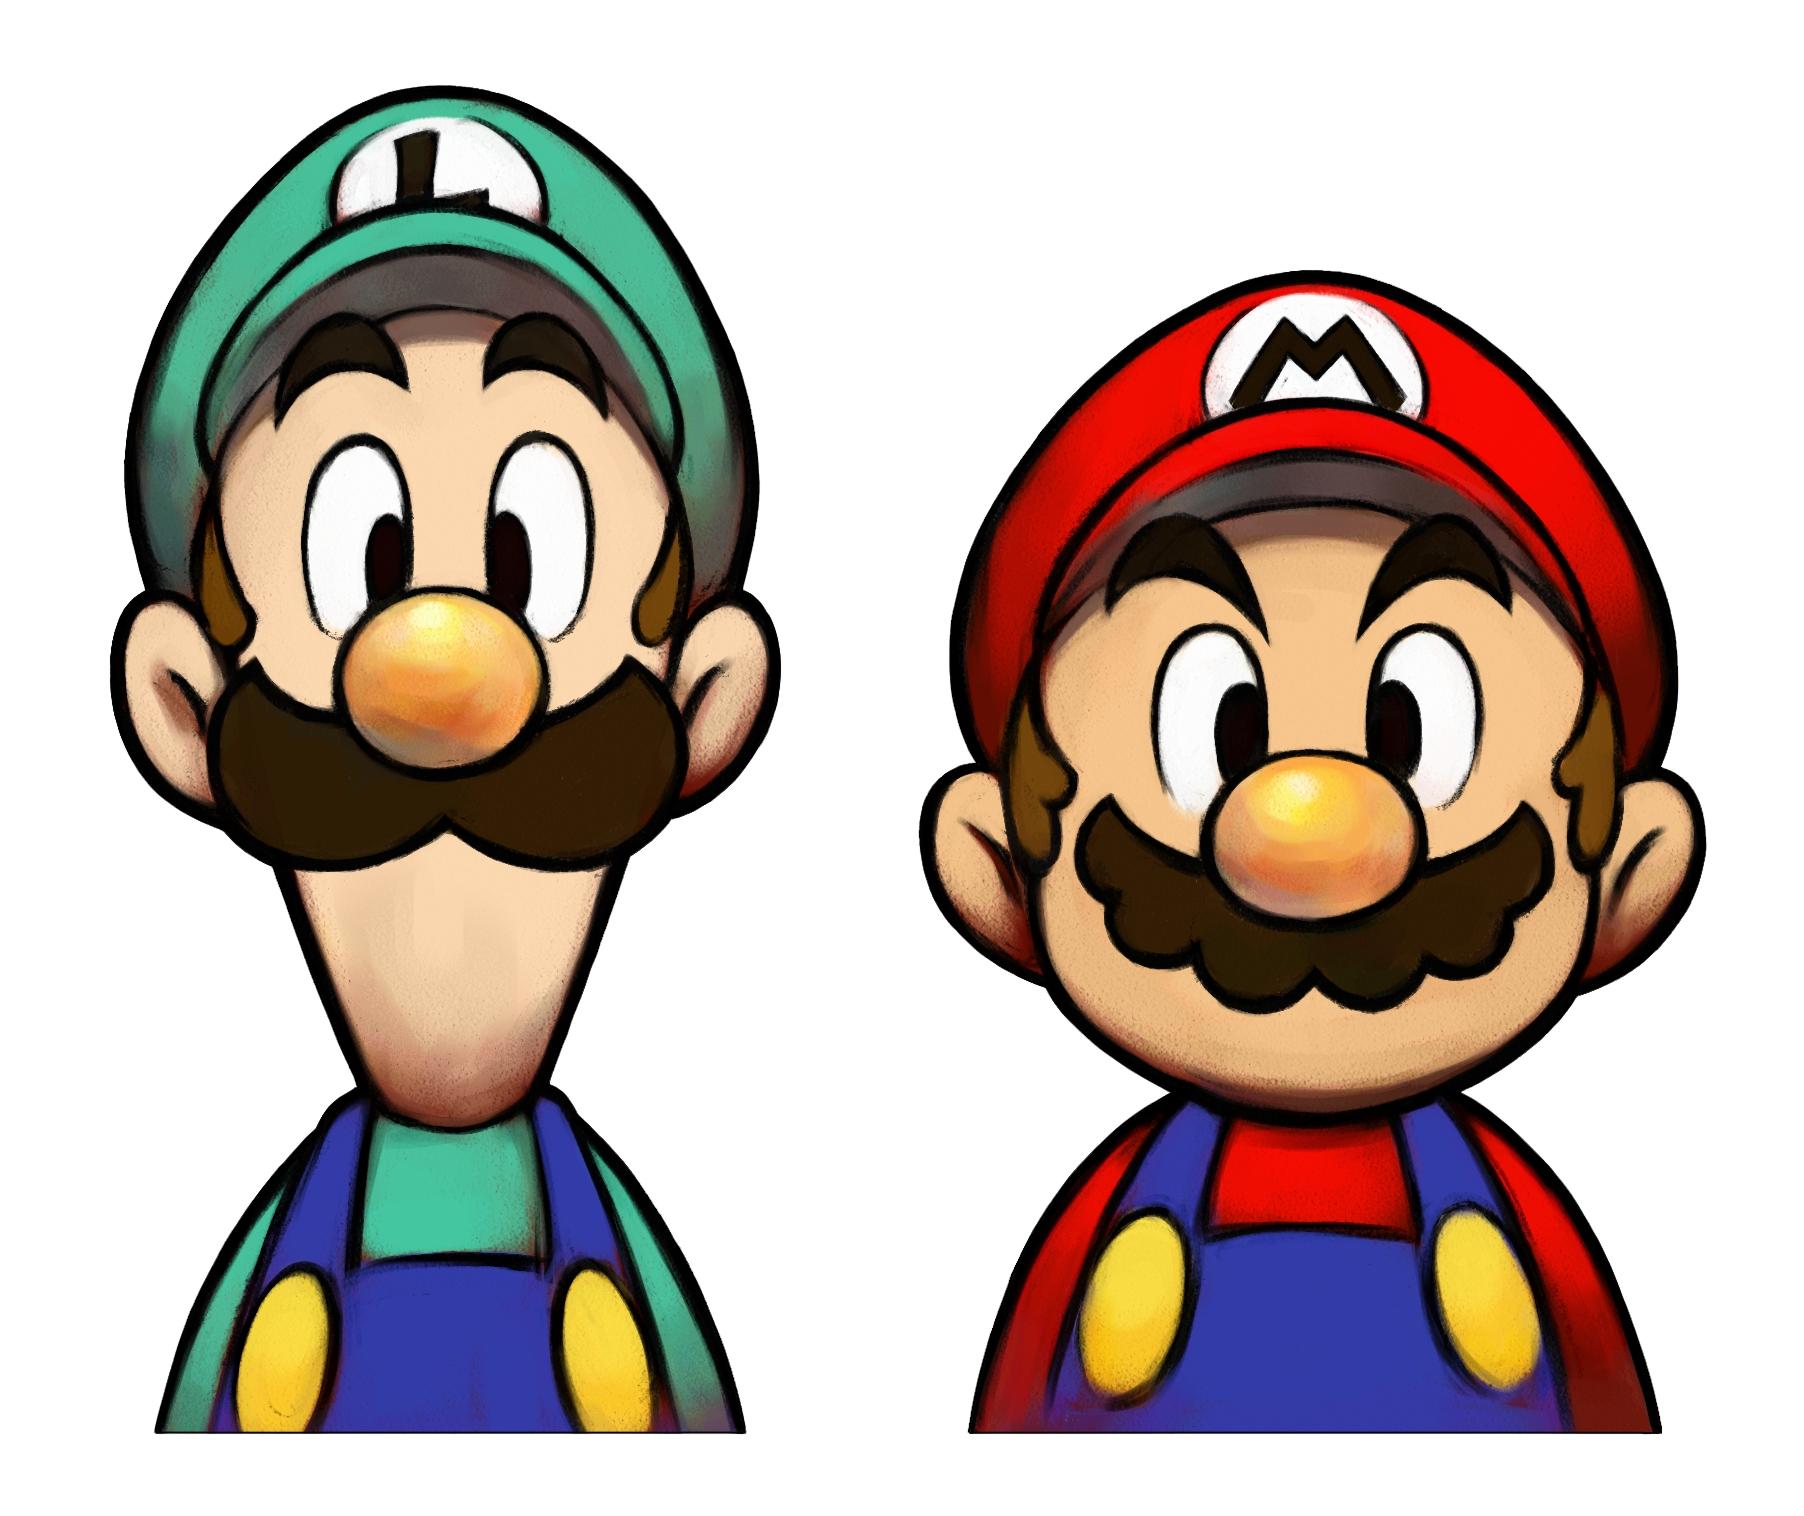 1804x1516 Mario And Luigi Clipart Amp Mario And Luigi Clip Art Images